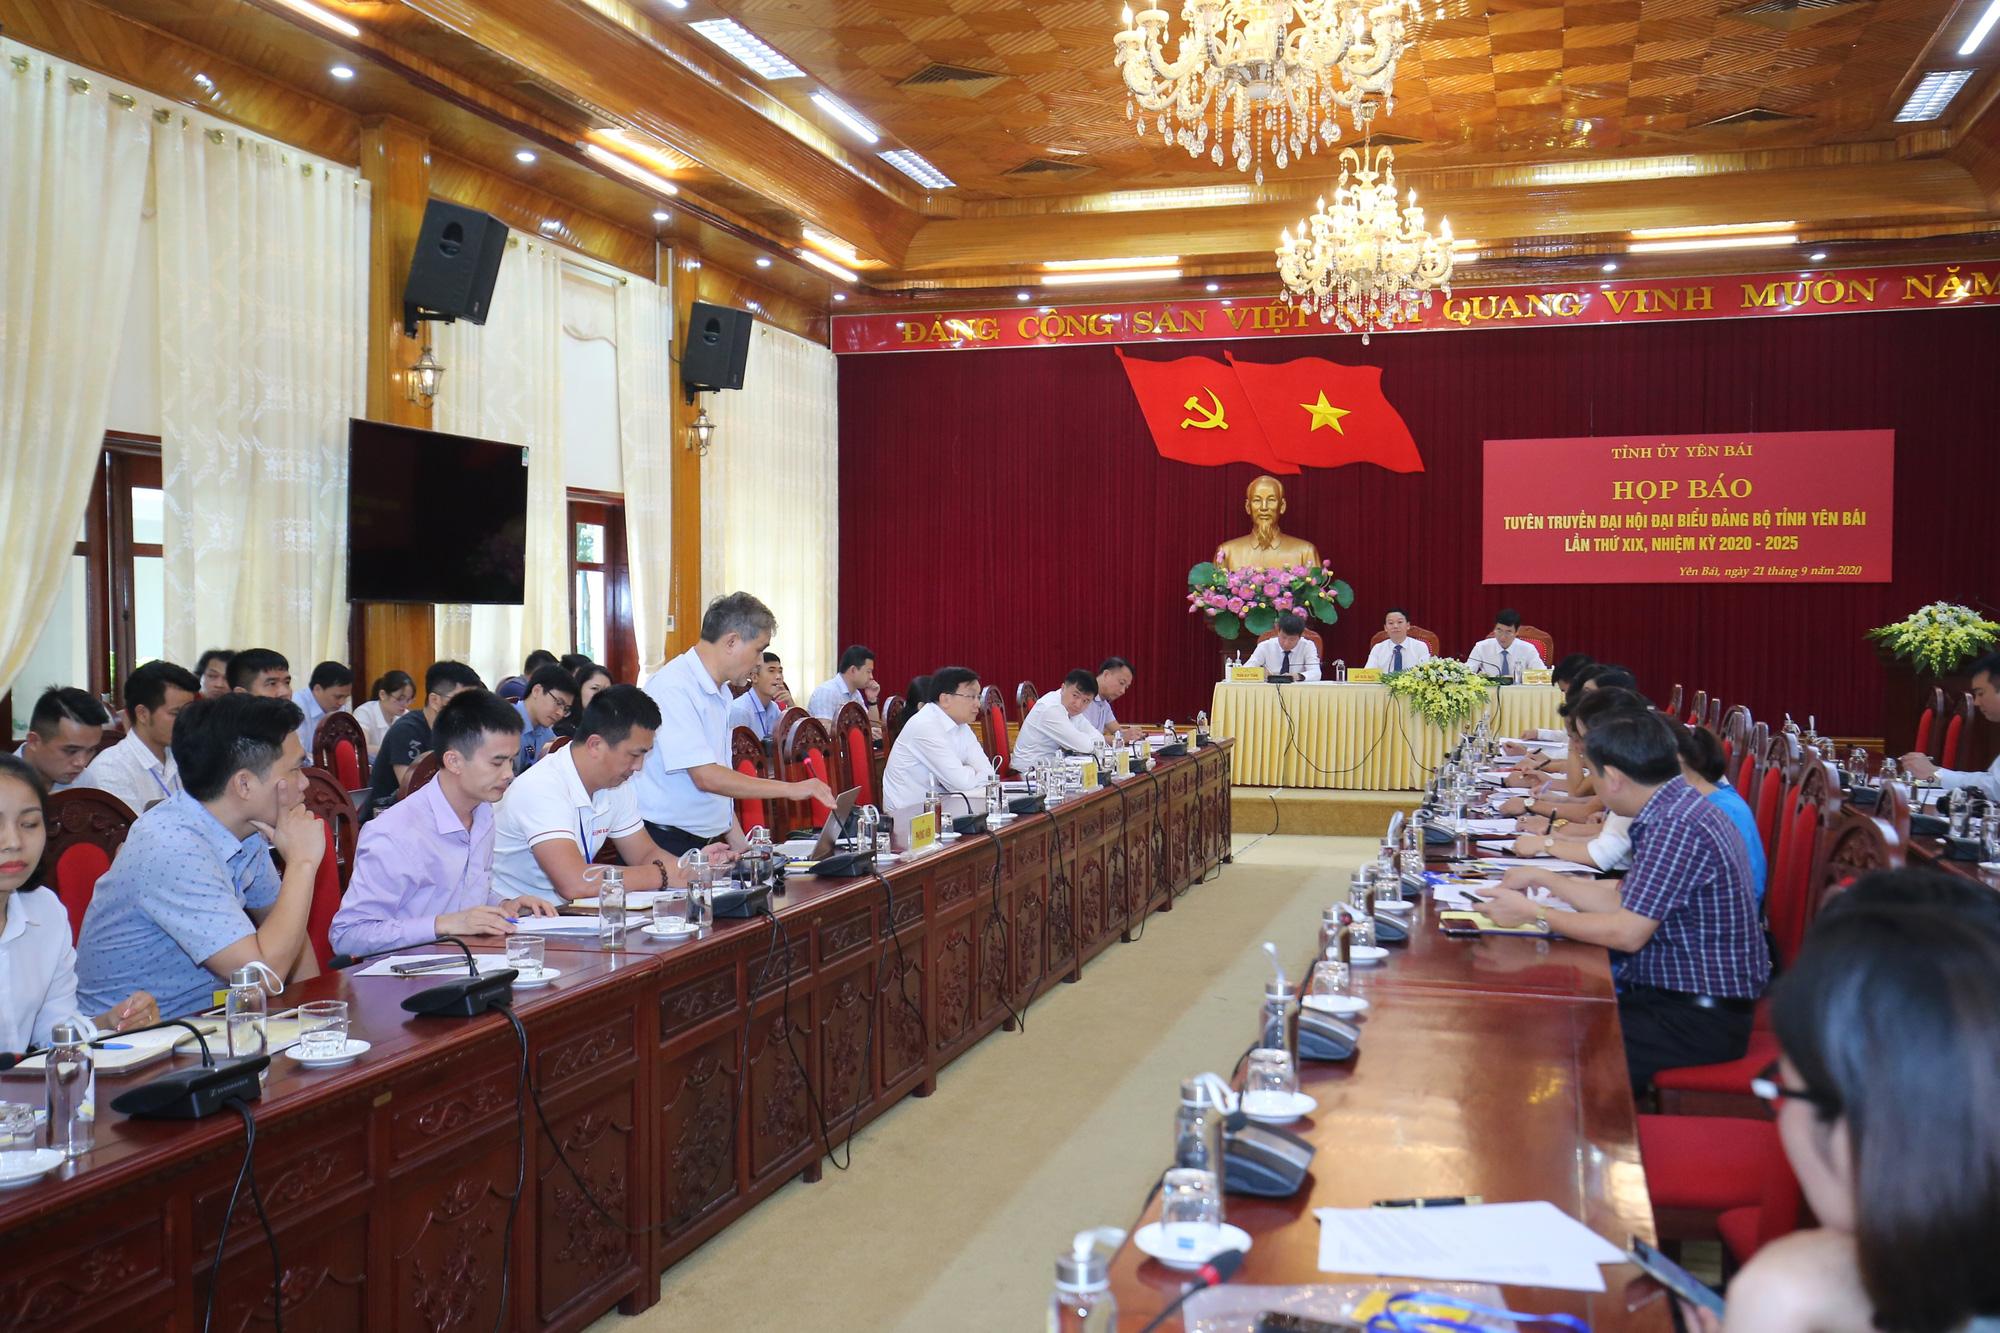 Yên Bái: Liên kết nông thôn với đô thị, công nghiệp, dịch vụ với nông nghiệp là đột phá chiến lược - Ảnh 1.